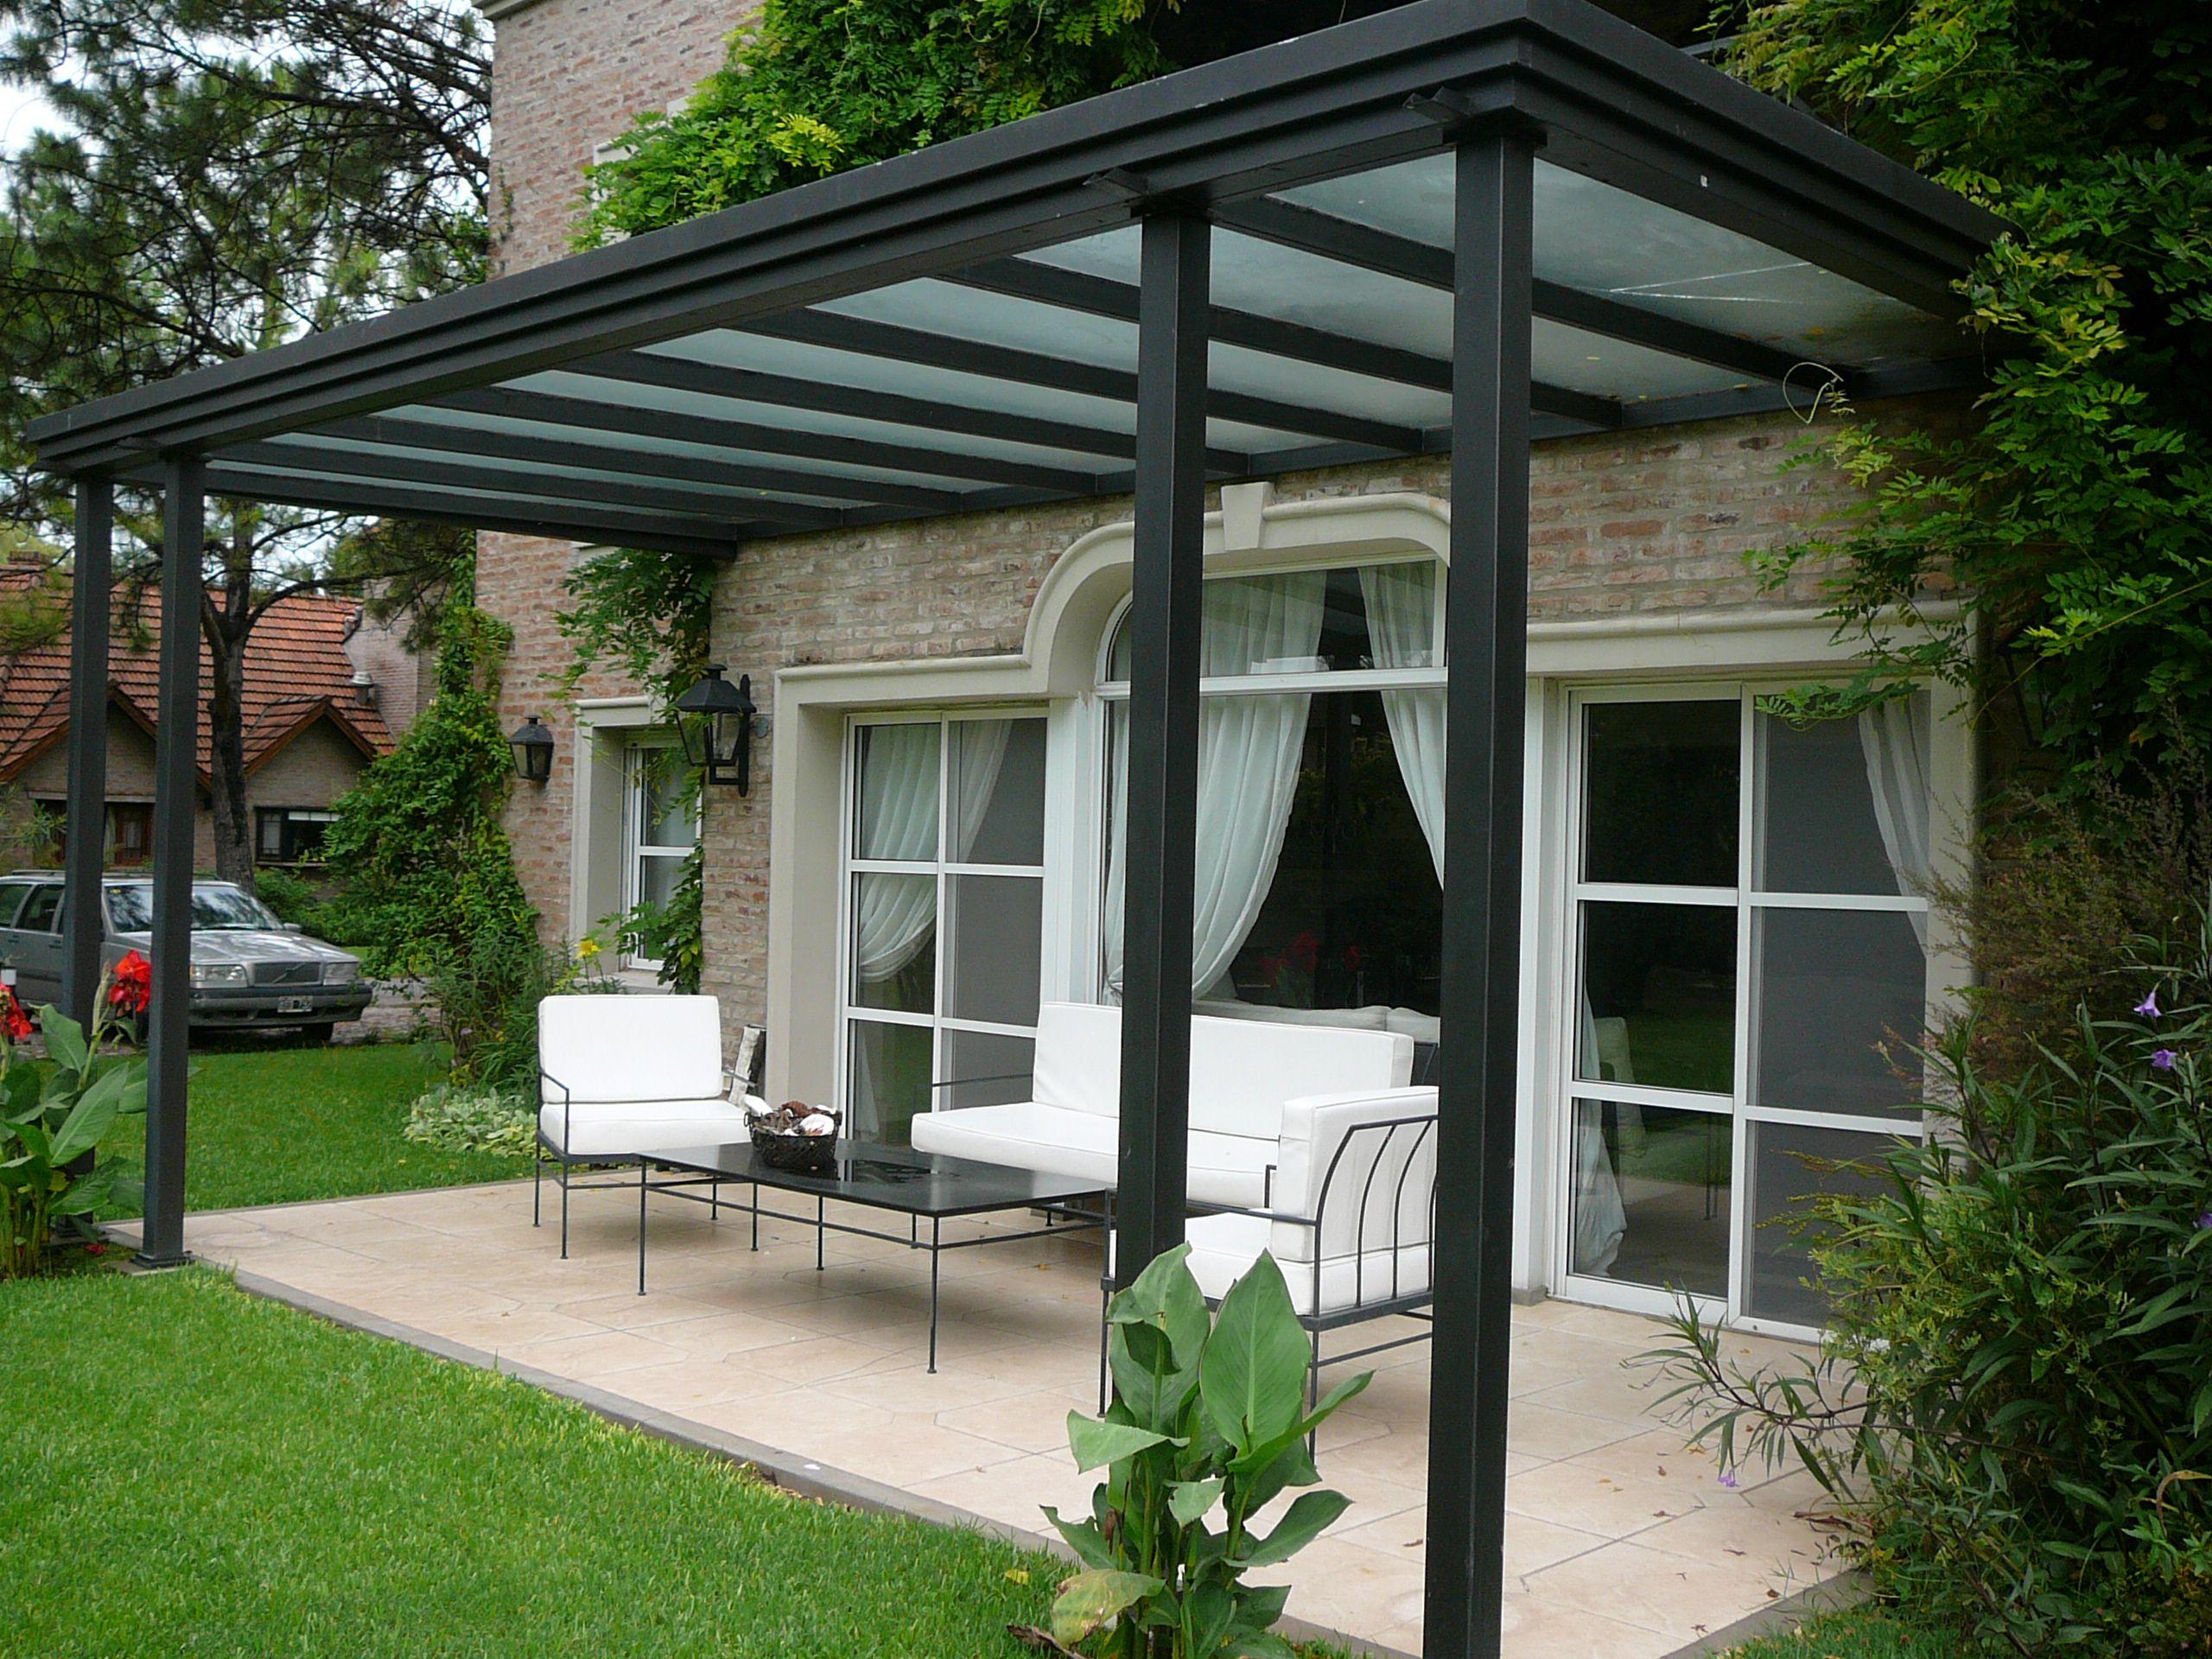 Galer a con techo de vidrio armado techo cochera - Decoracion de entradas de casas ...